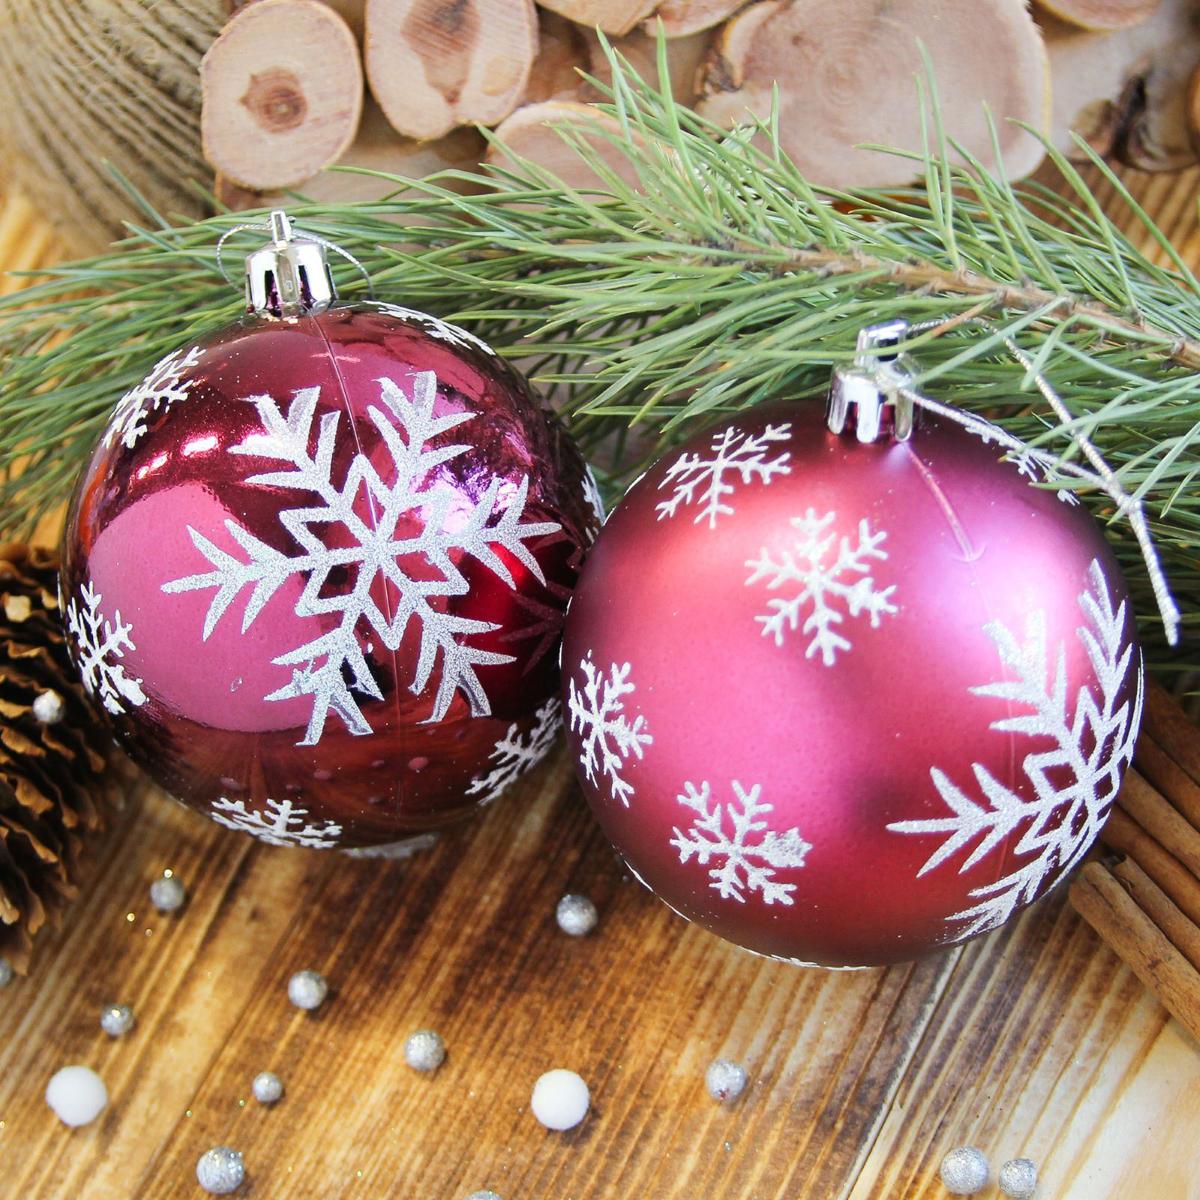 Набор новогодних подвесных украшений Sima-land Снегопад, цвет: бордовый, диаметр 8 см, 6 шт2122966Невозможно представить нашу жизнь без праздников! Мы всегда ждём их и предвкушаем, обдумываем, как проведём памятный день, тщательно выбираем подарки и аксессуары, ведь именно они создают и поддерживают торжественный настрой.